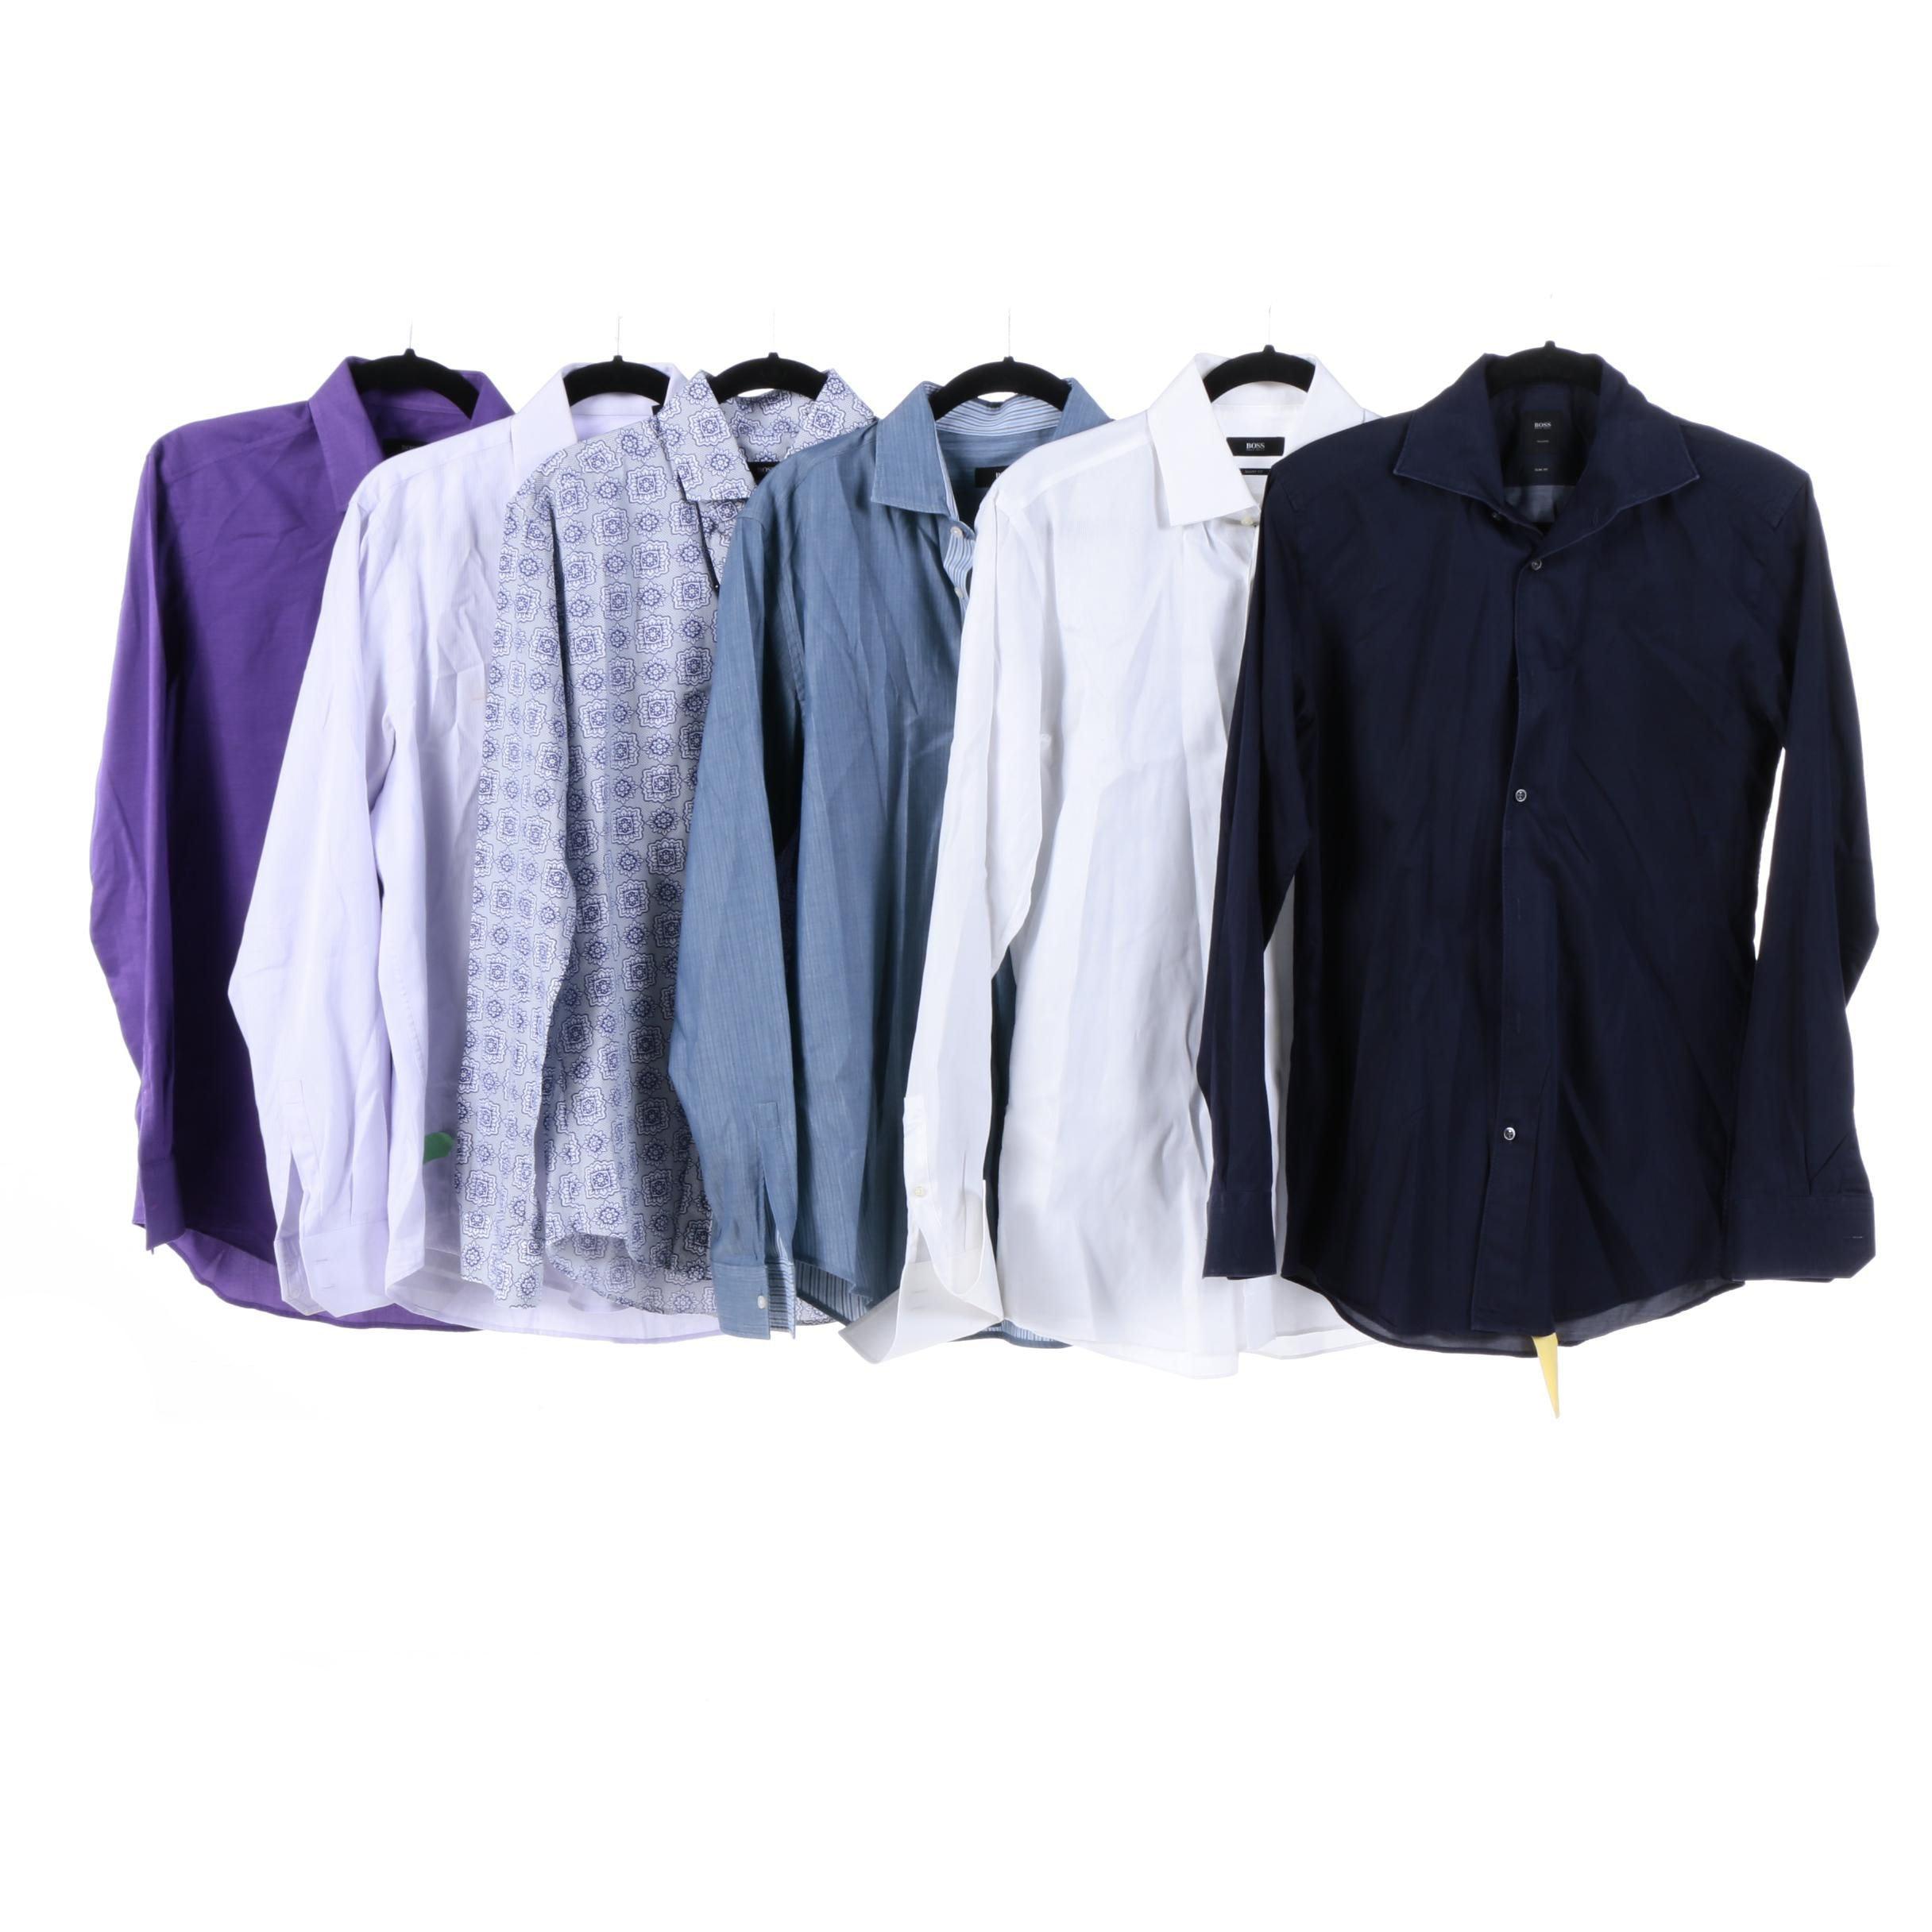 Men's BOSS Hugo Boss Dress Shirts